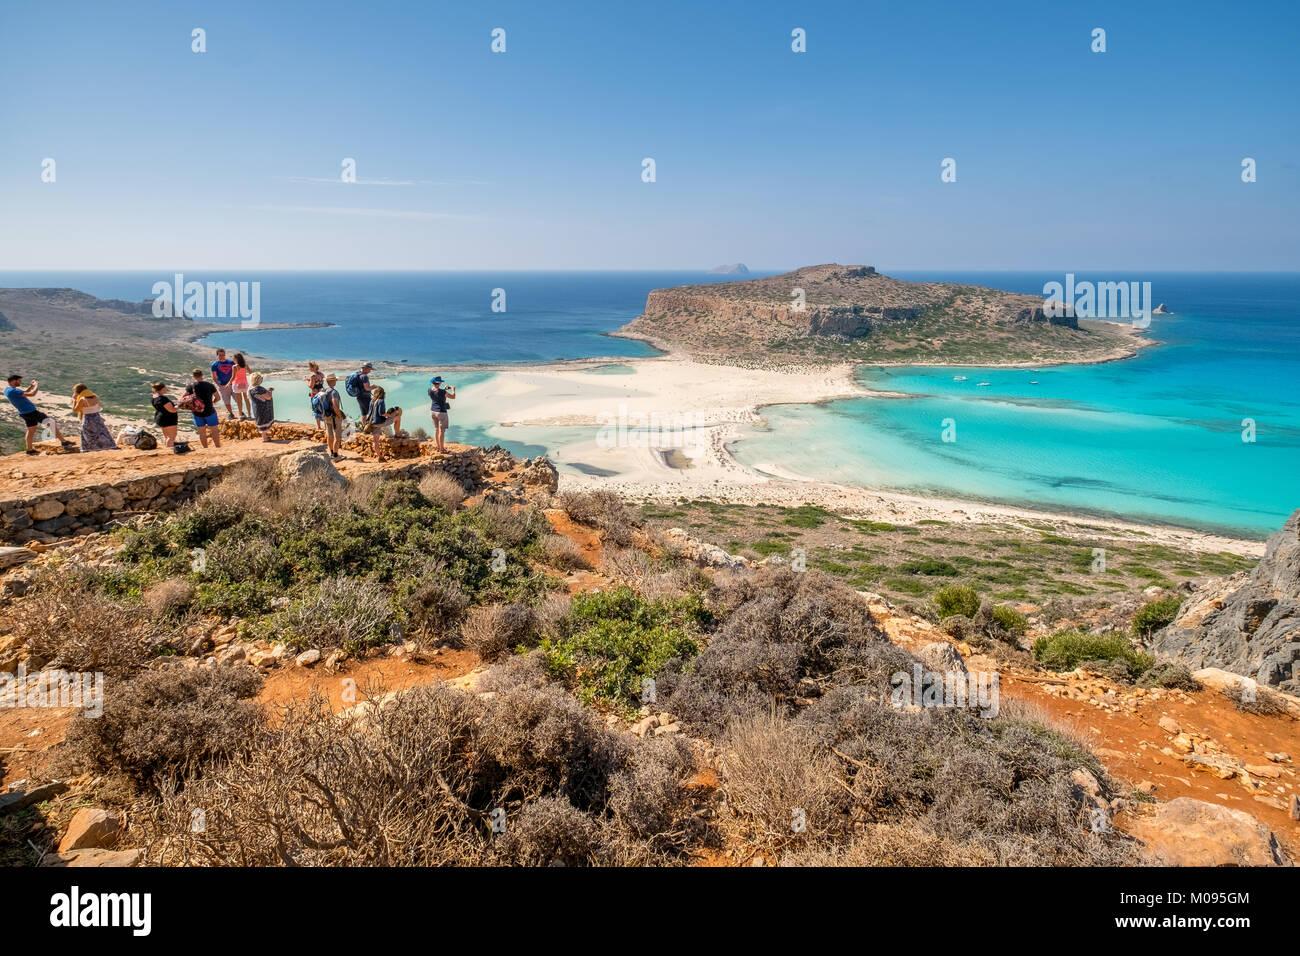 Voir avec les touristes sur la plage de rêve, plage de Balos, plage de sable de la péninsule de Gramvousa, Photo Stock